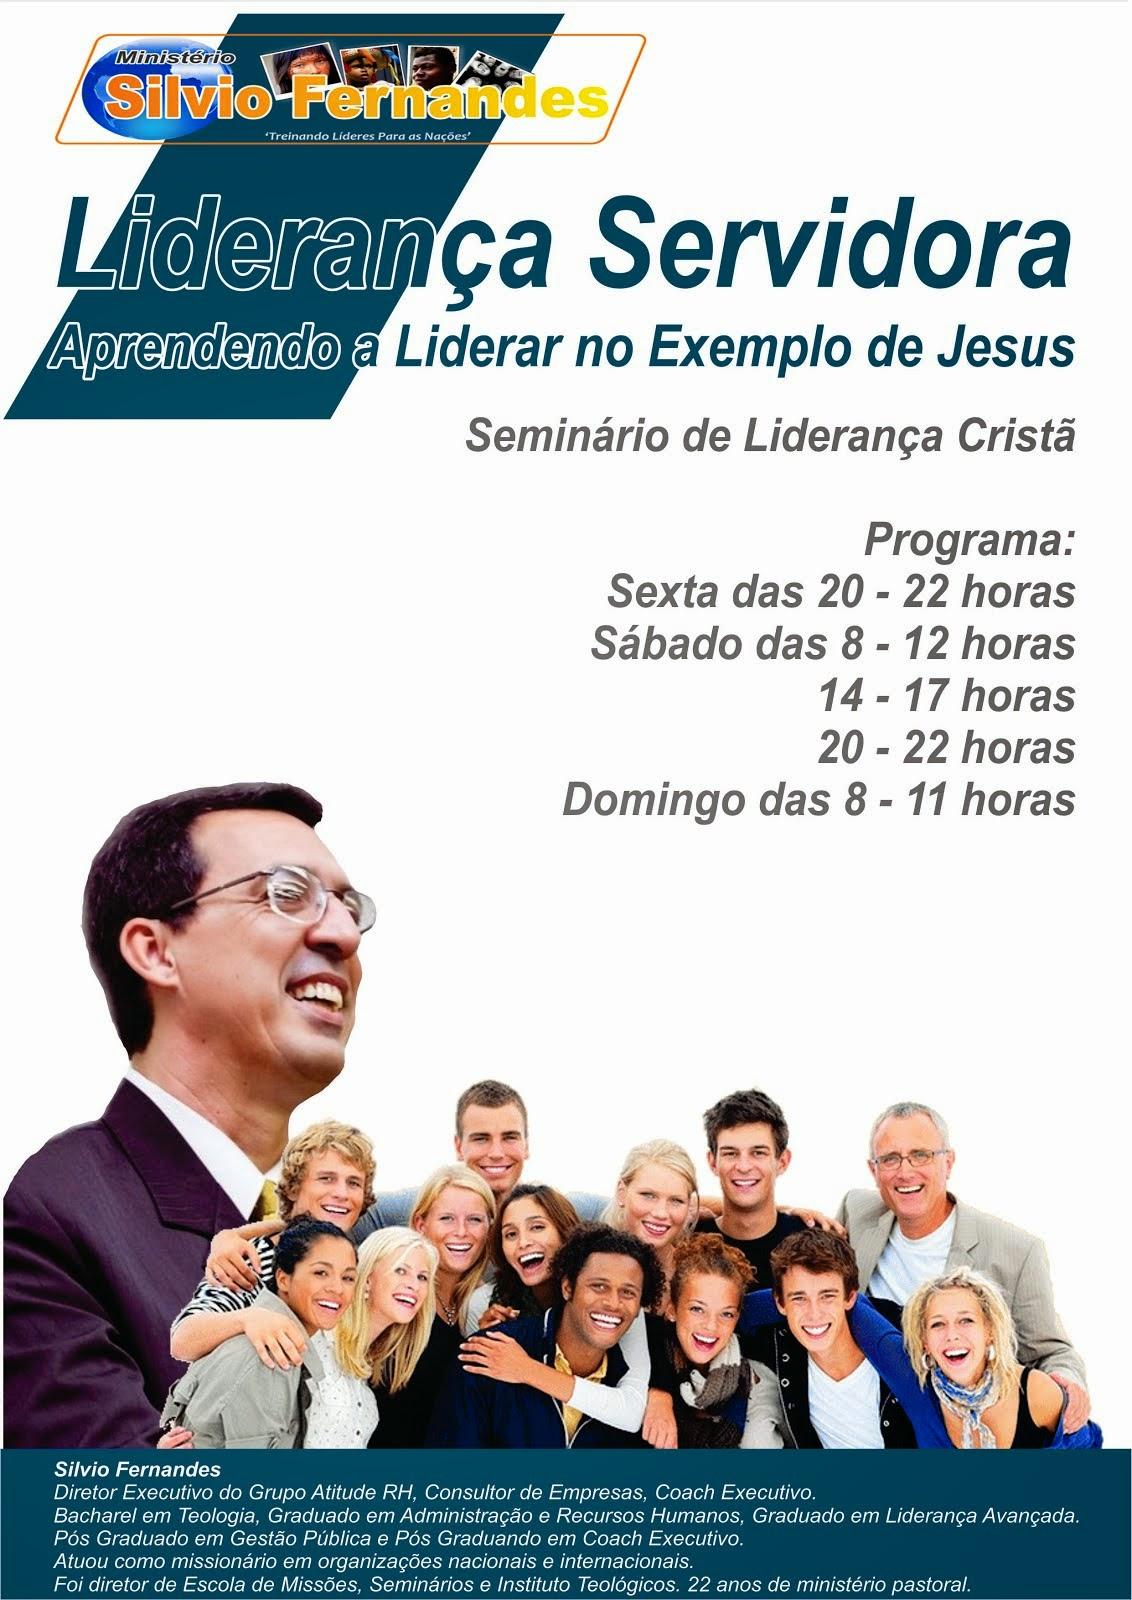 SEMINÁRIO DE LIDERANÇA CRISTÃ